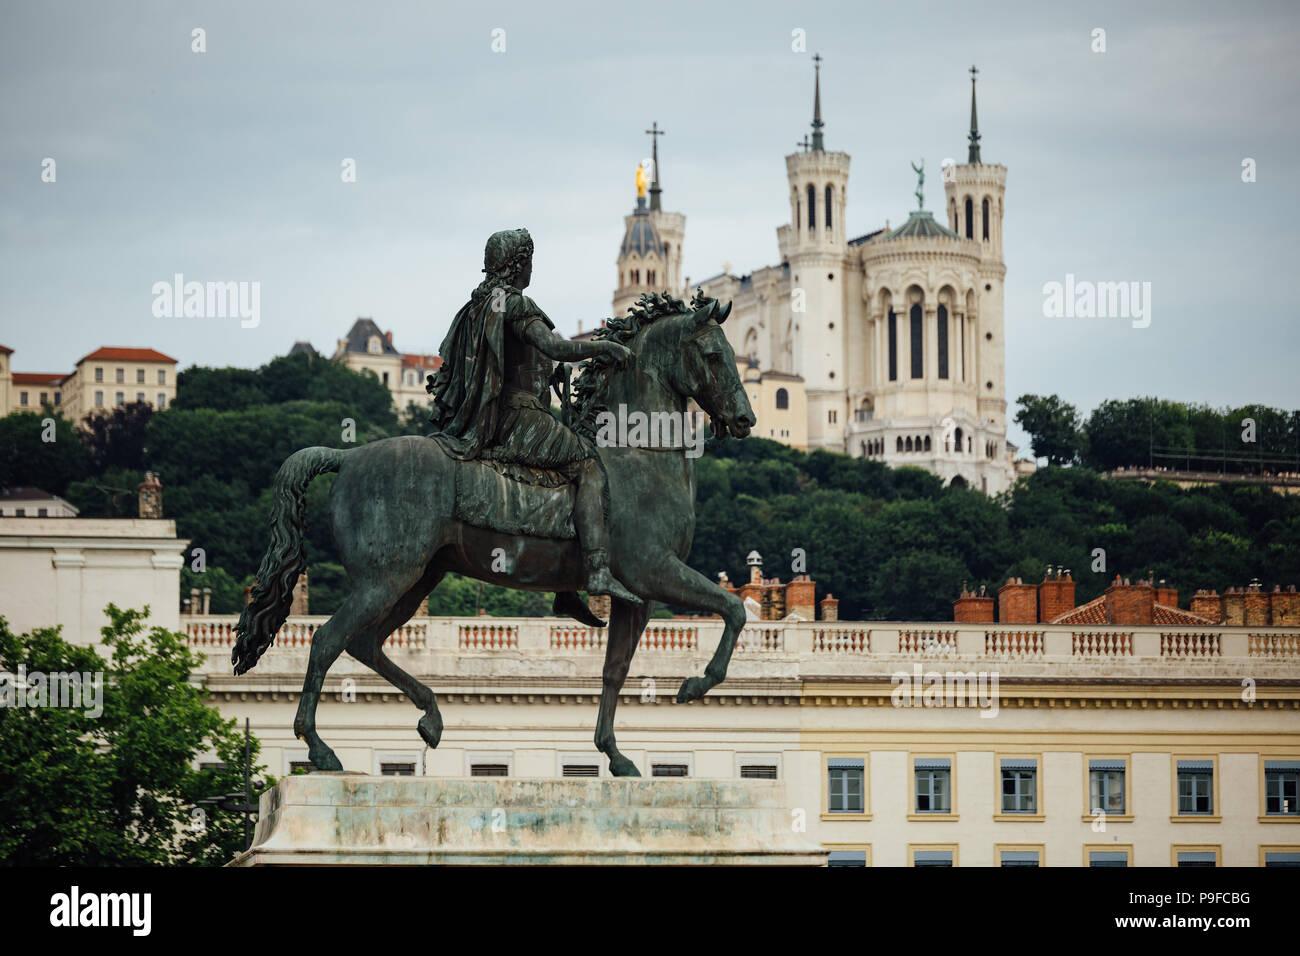 La estatua ecuestre de Luis XIV en la Place Bellecour, en el casco antiguo de Lyon. Foto de stock